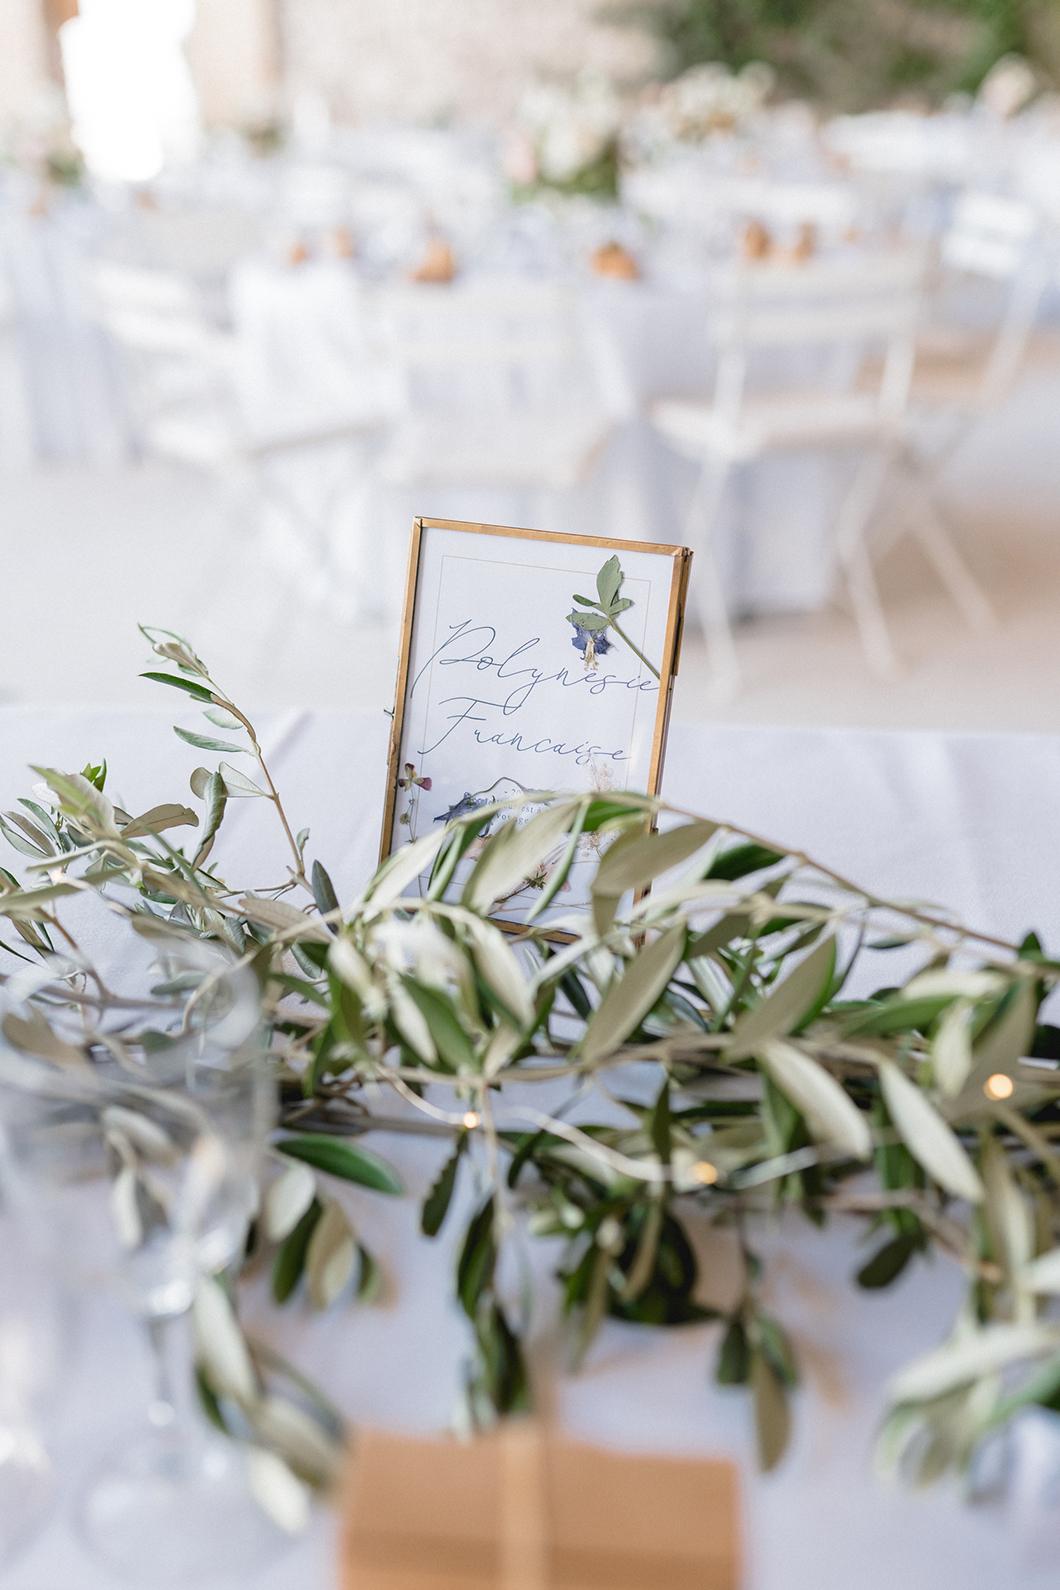 Décoration de table pour diner de mariage en Provence